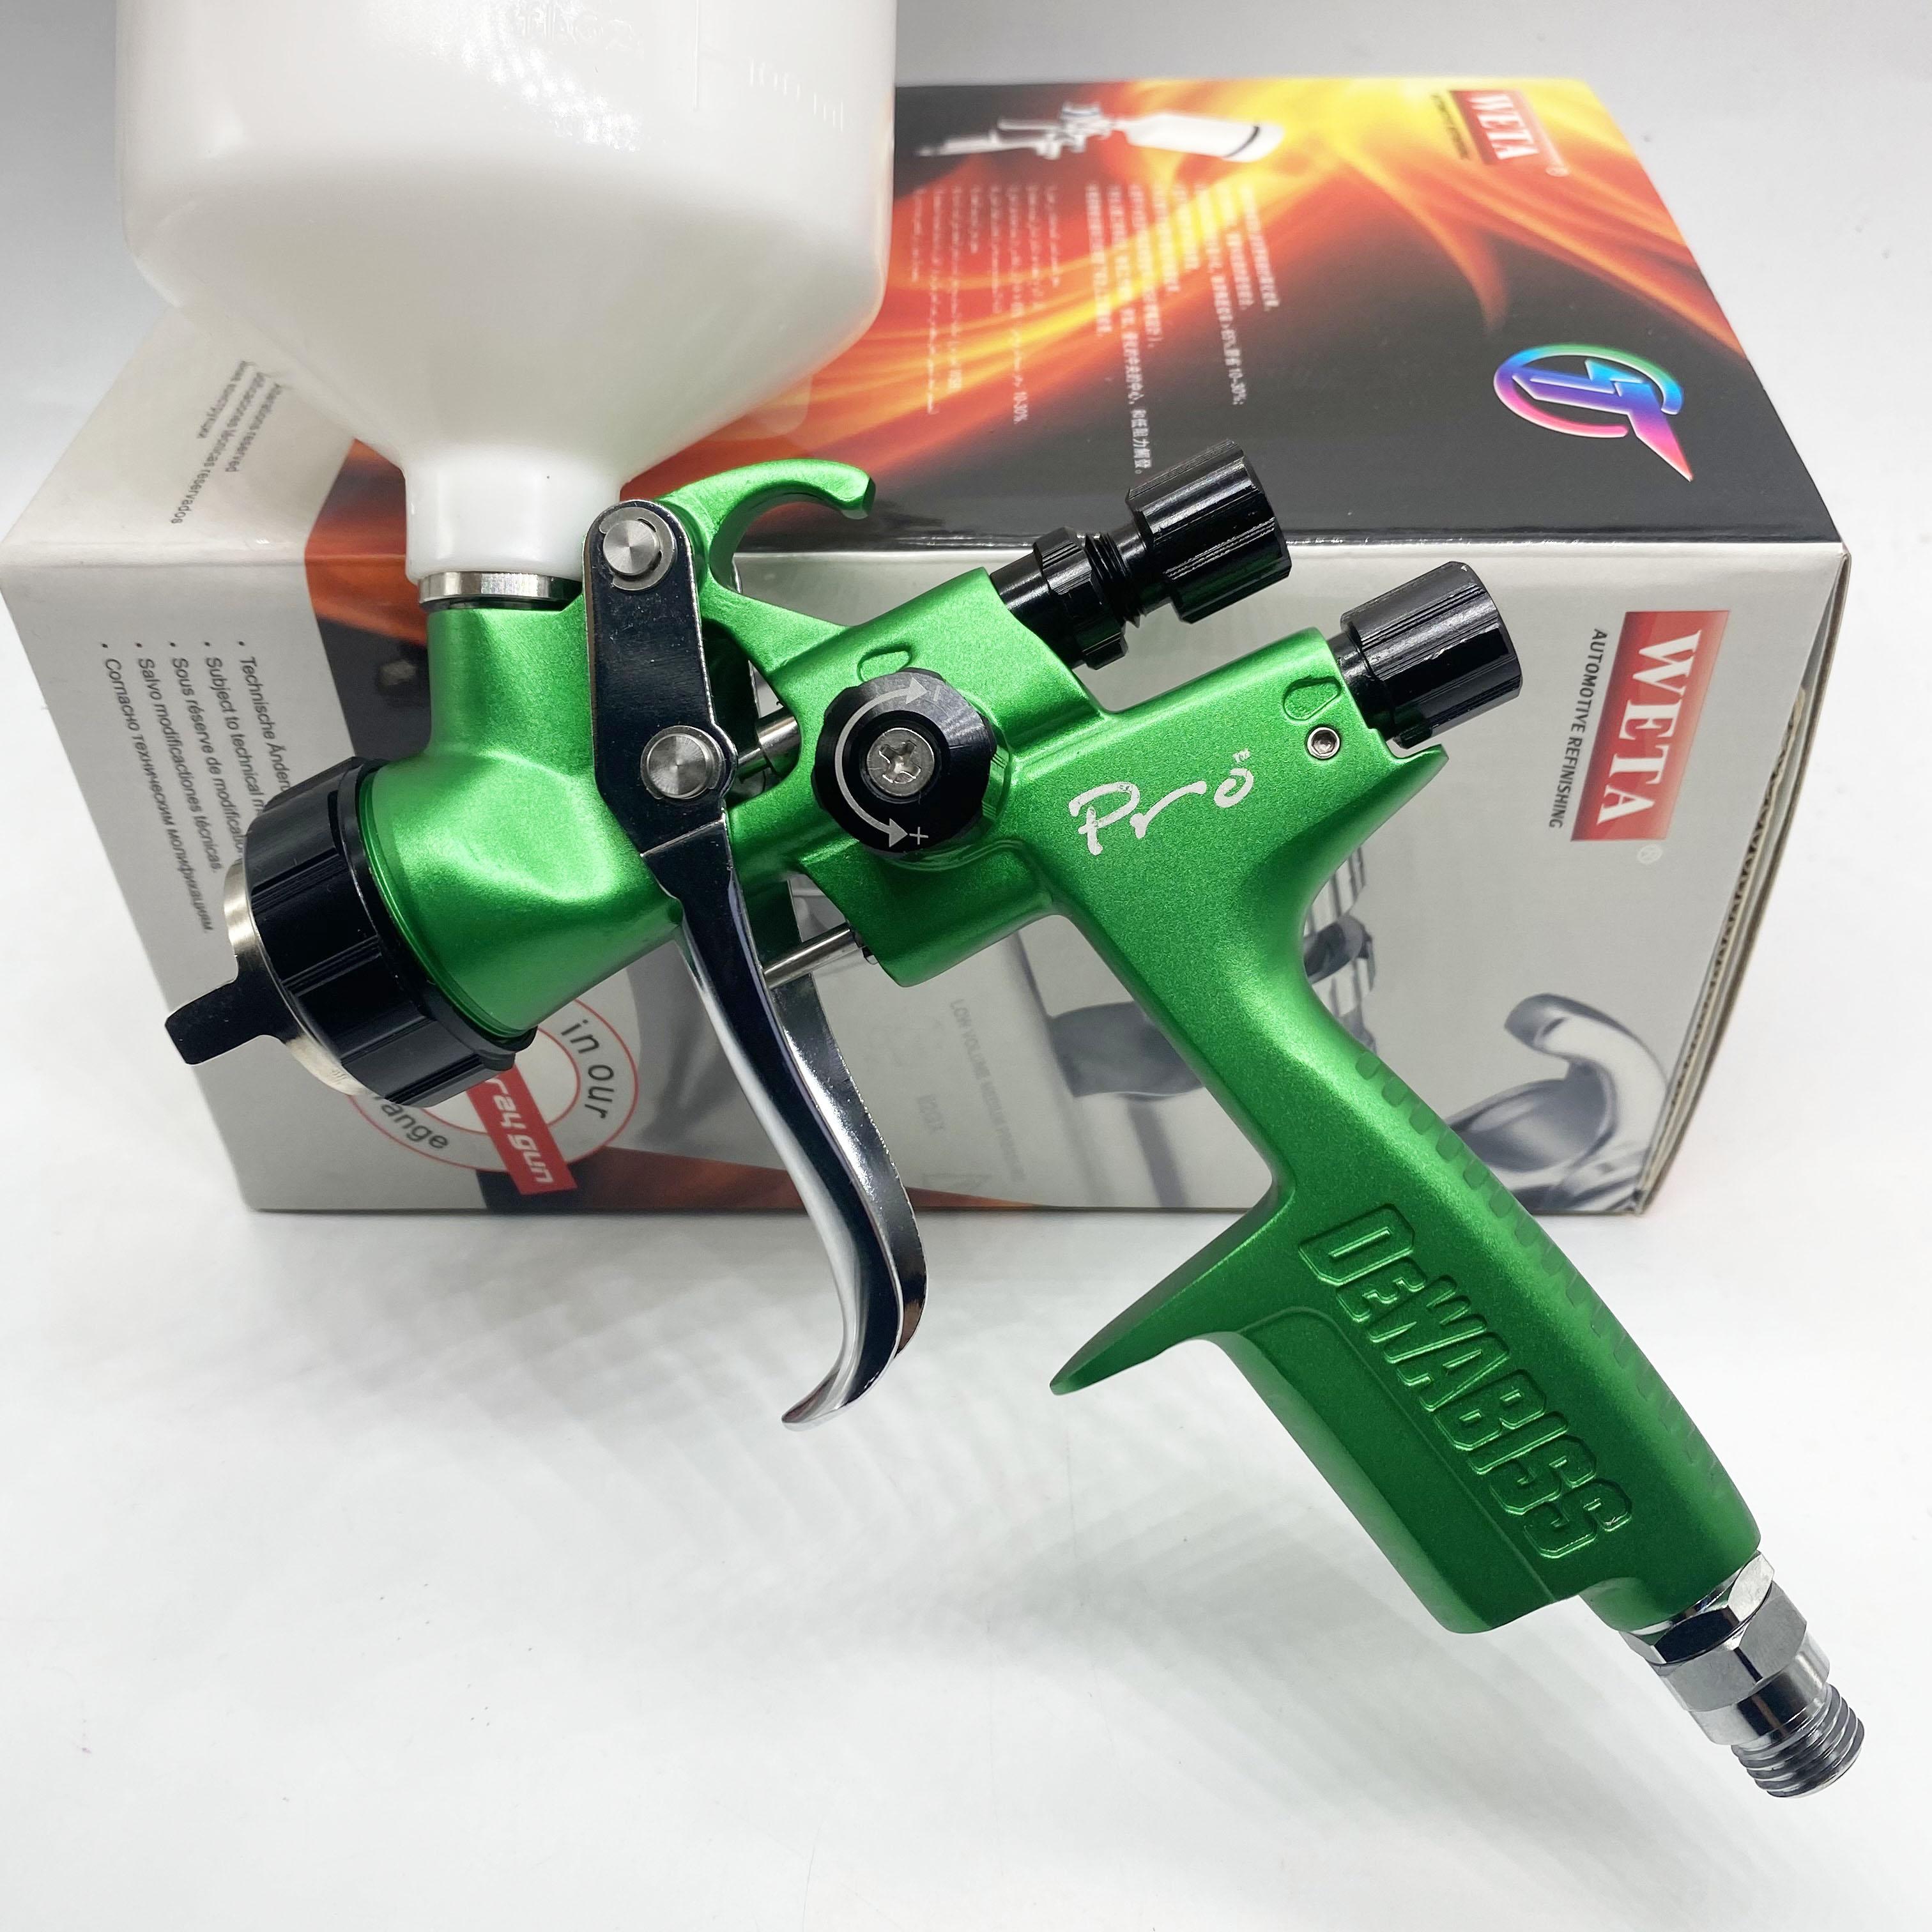 AliExpress - 1000PRO new green spray gun 1.3mm HVLP car sprayer painting tool high Atomization air paint sprayer high quality